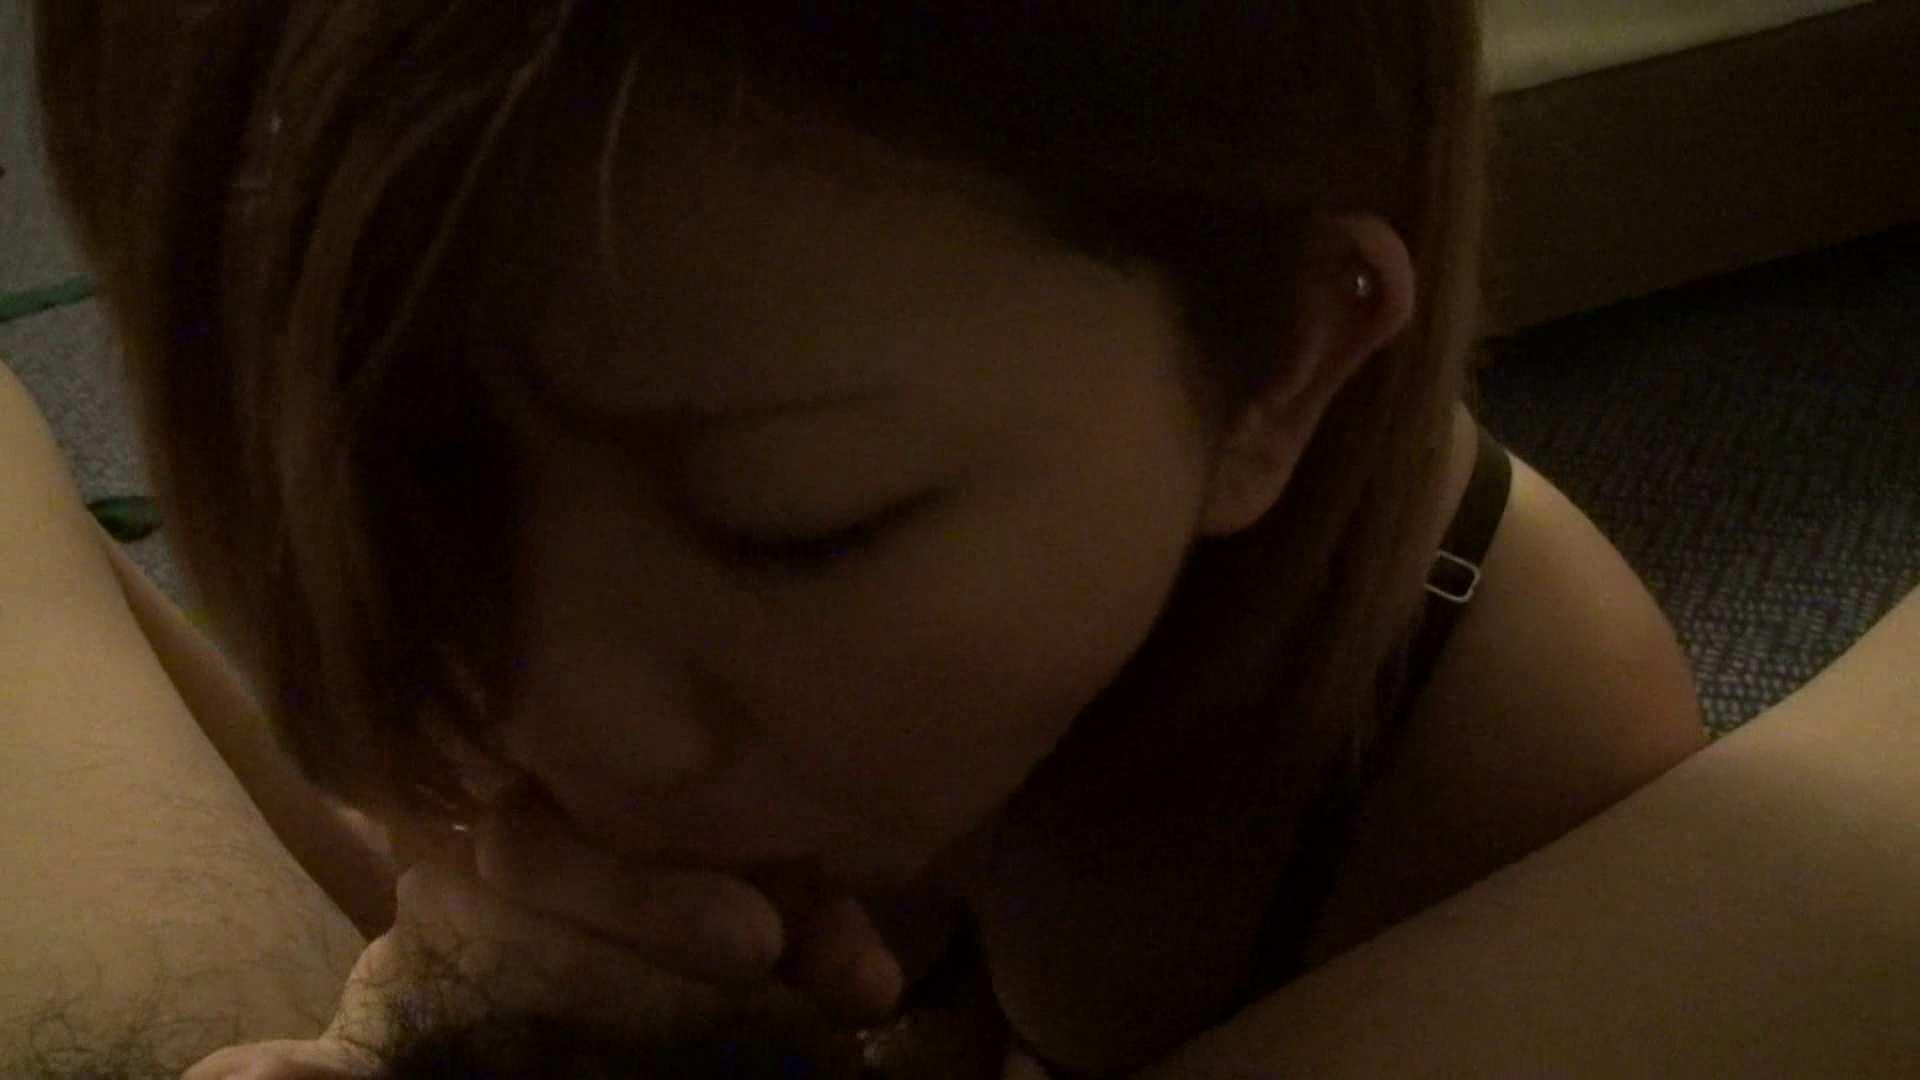 【悪戯の前】大助さんとの初めての撮影(まれまでと違って本人の意思としては・・・) 悪戯 | ドキュメント  71pic 47